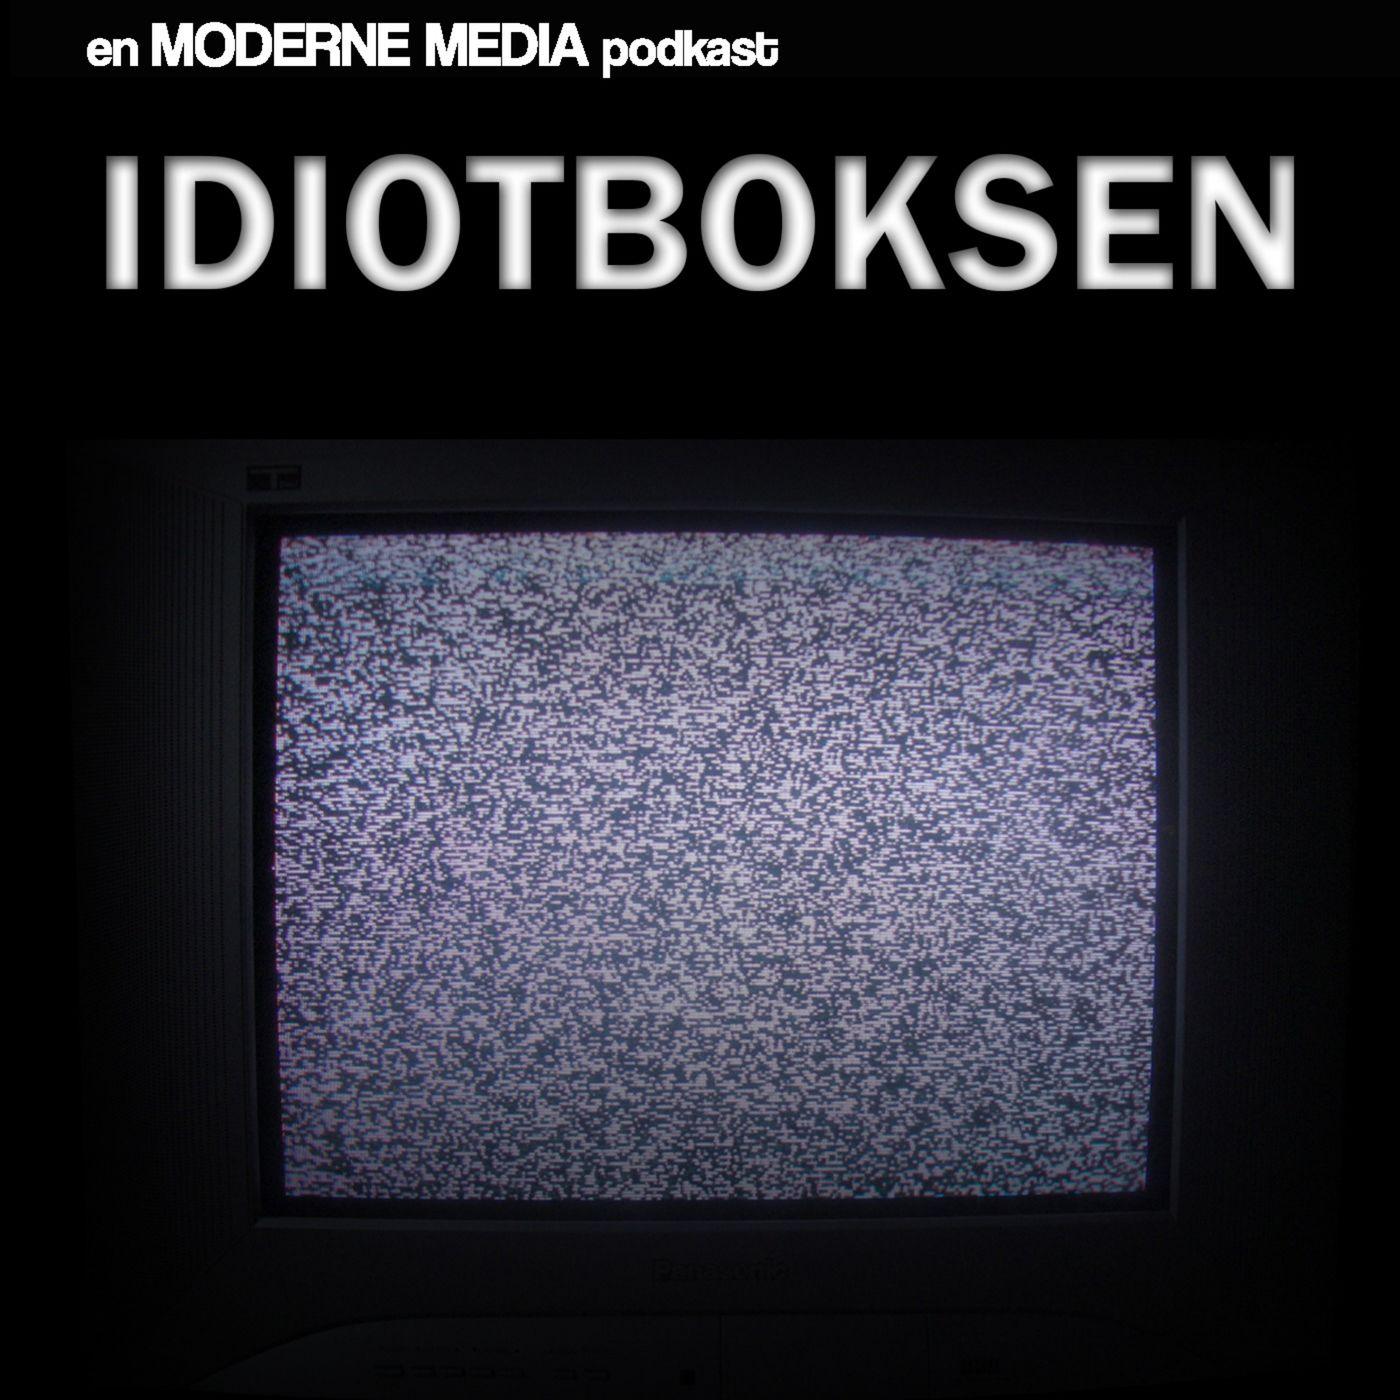 Idiotboksen